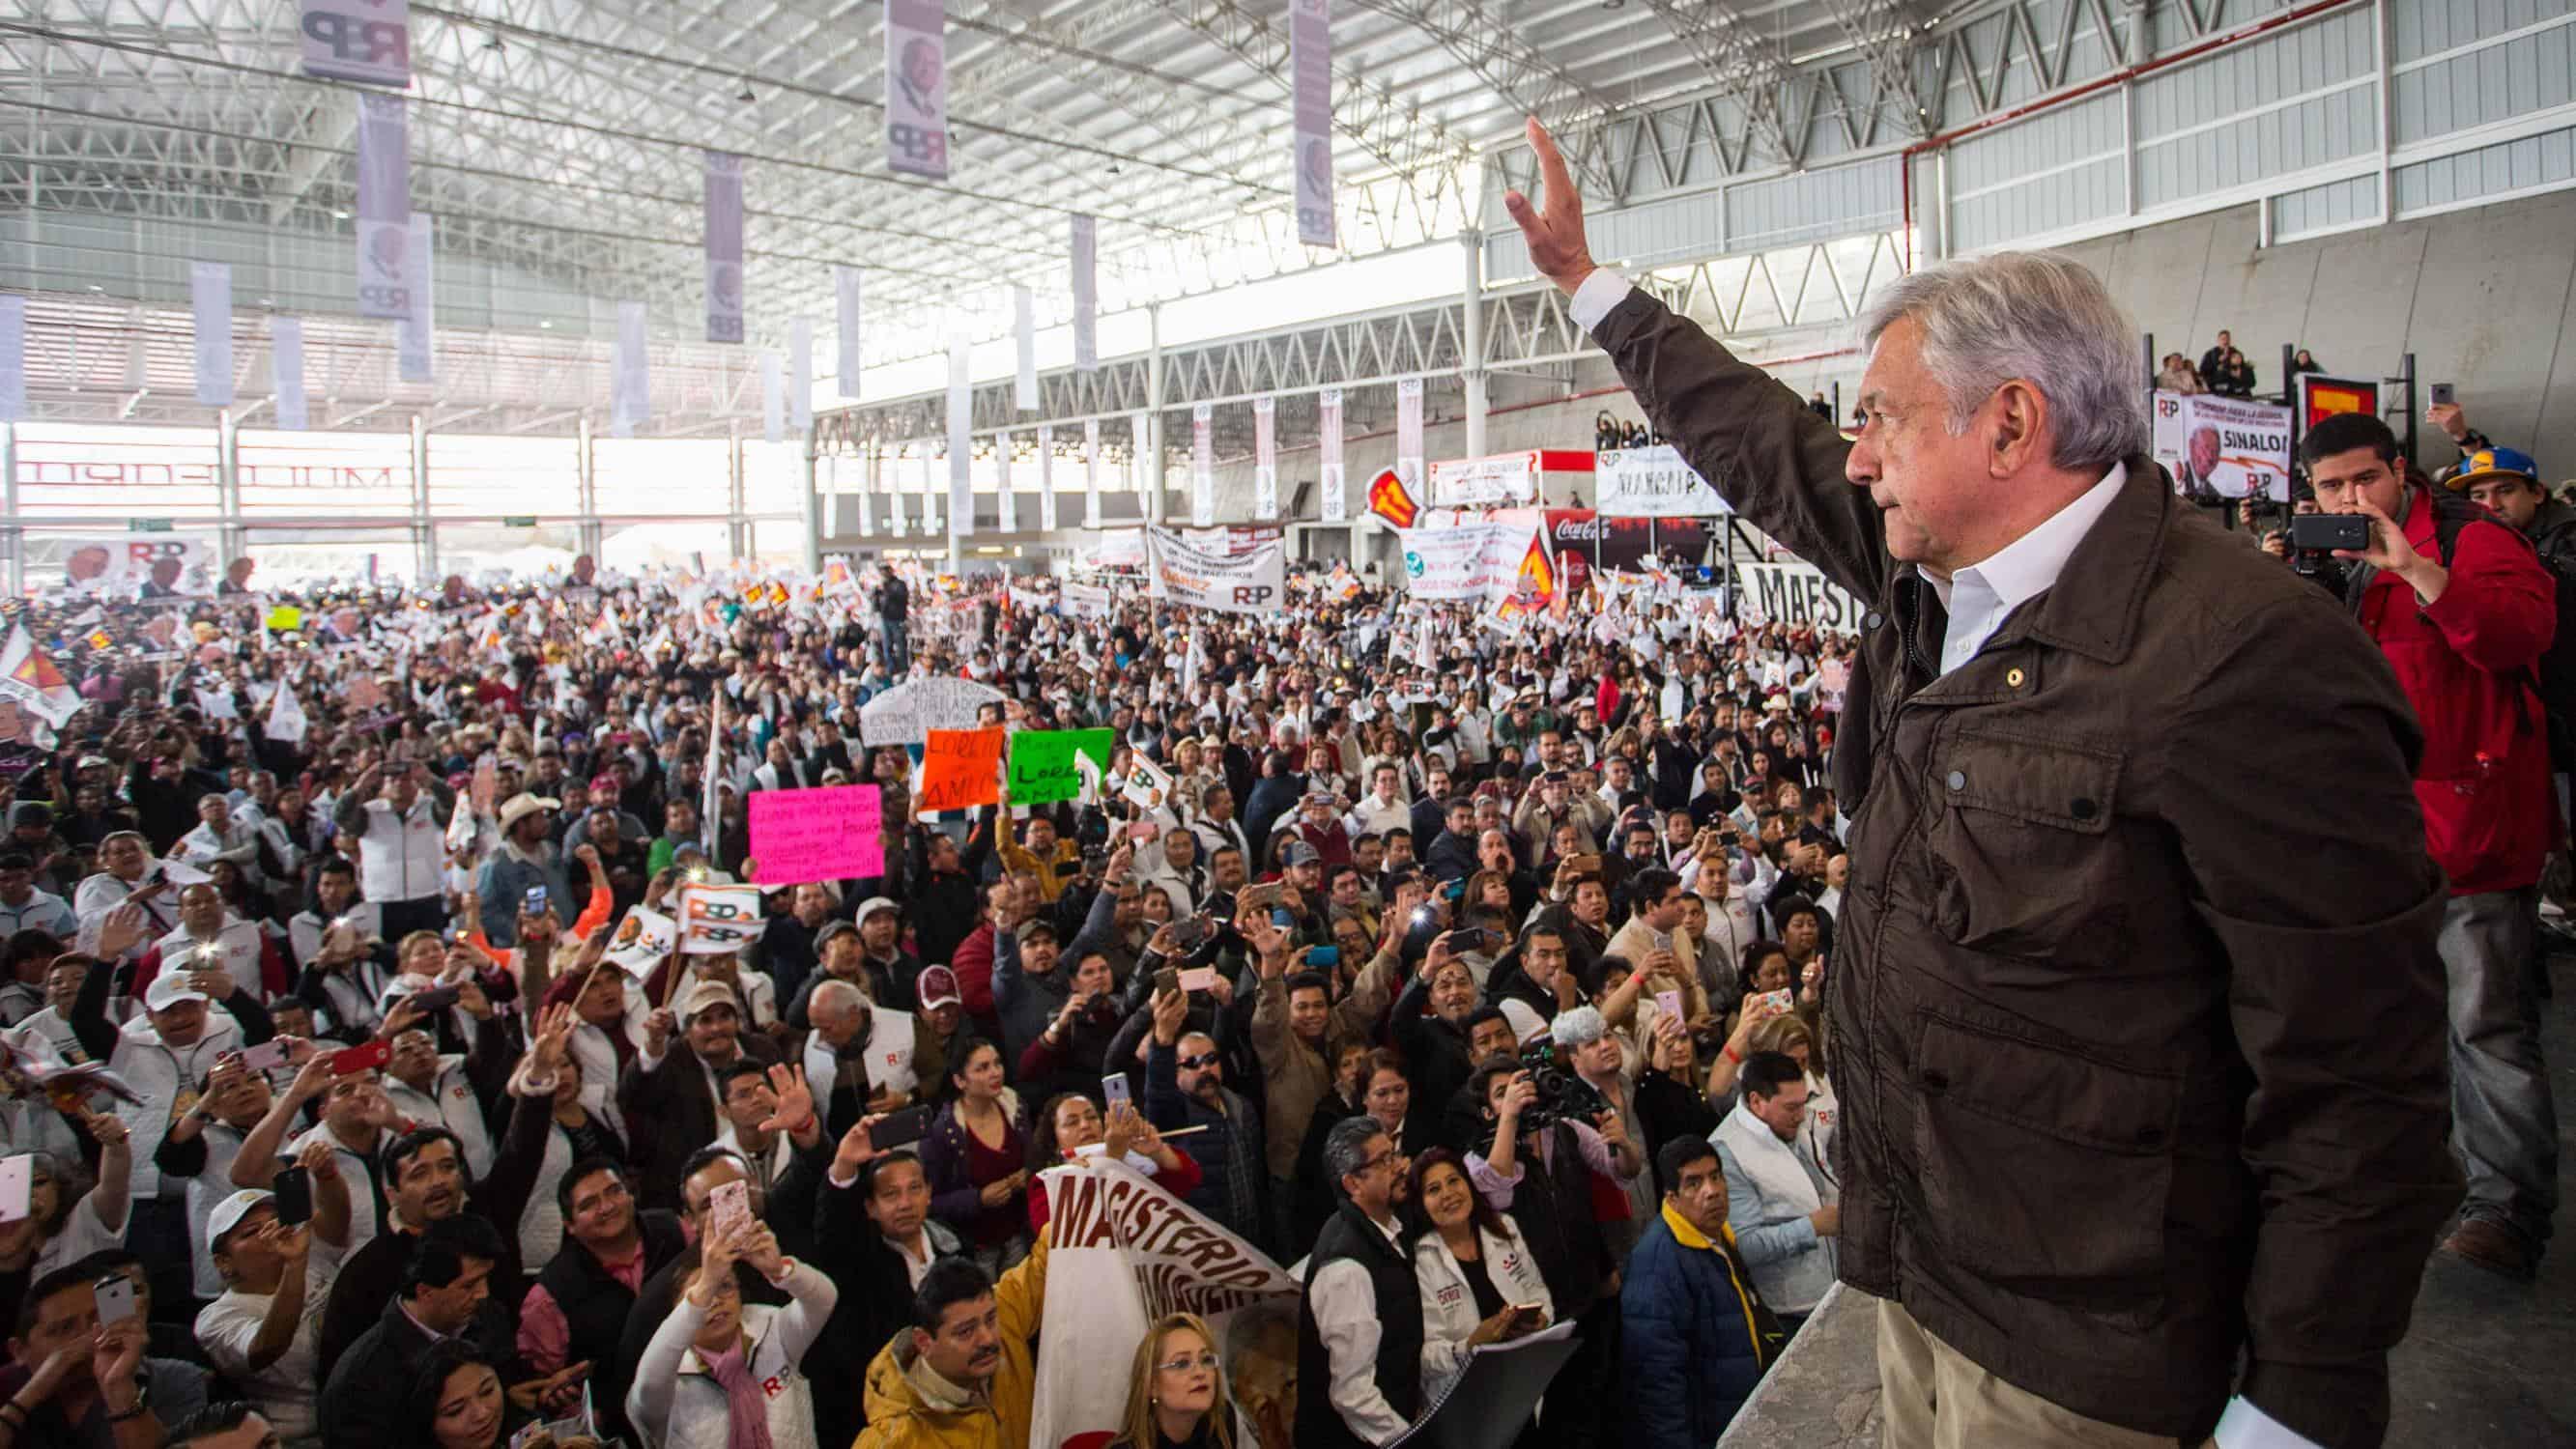 López Obrador, el izquierdista con simpatizantes evangélicos que quiere gobernar a México